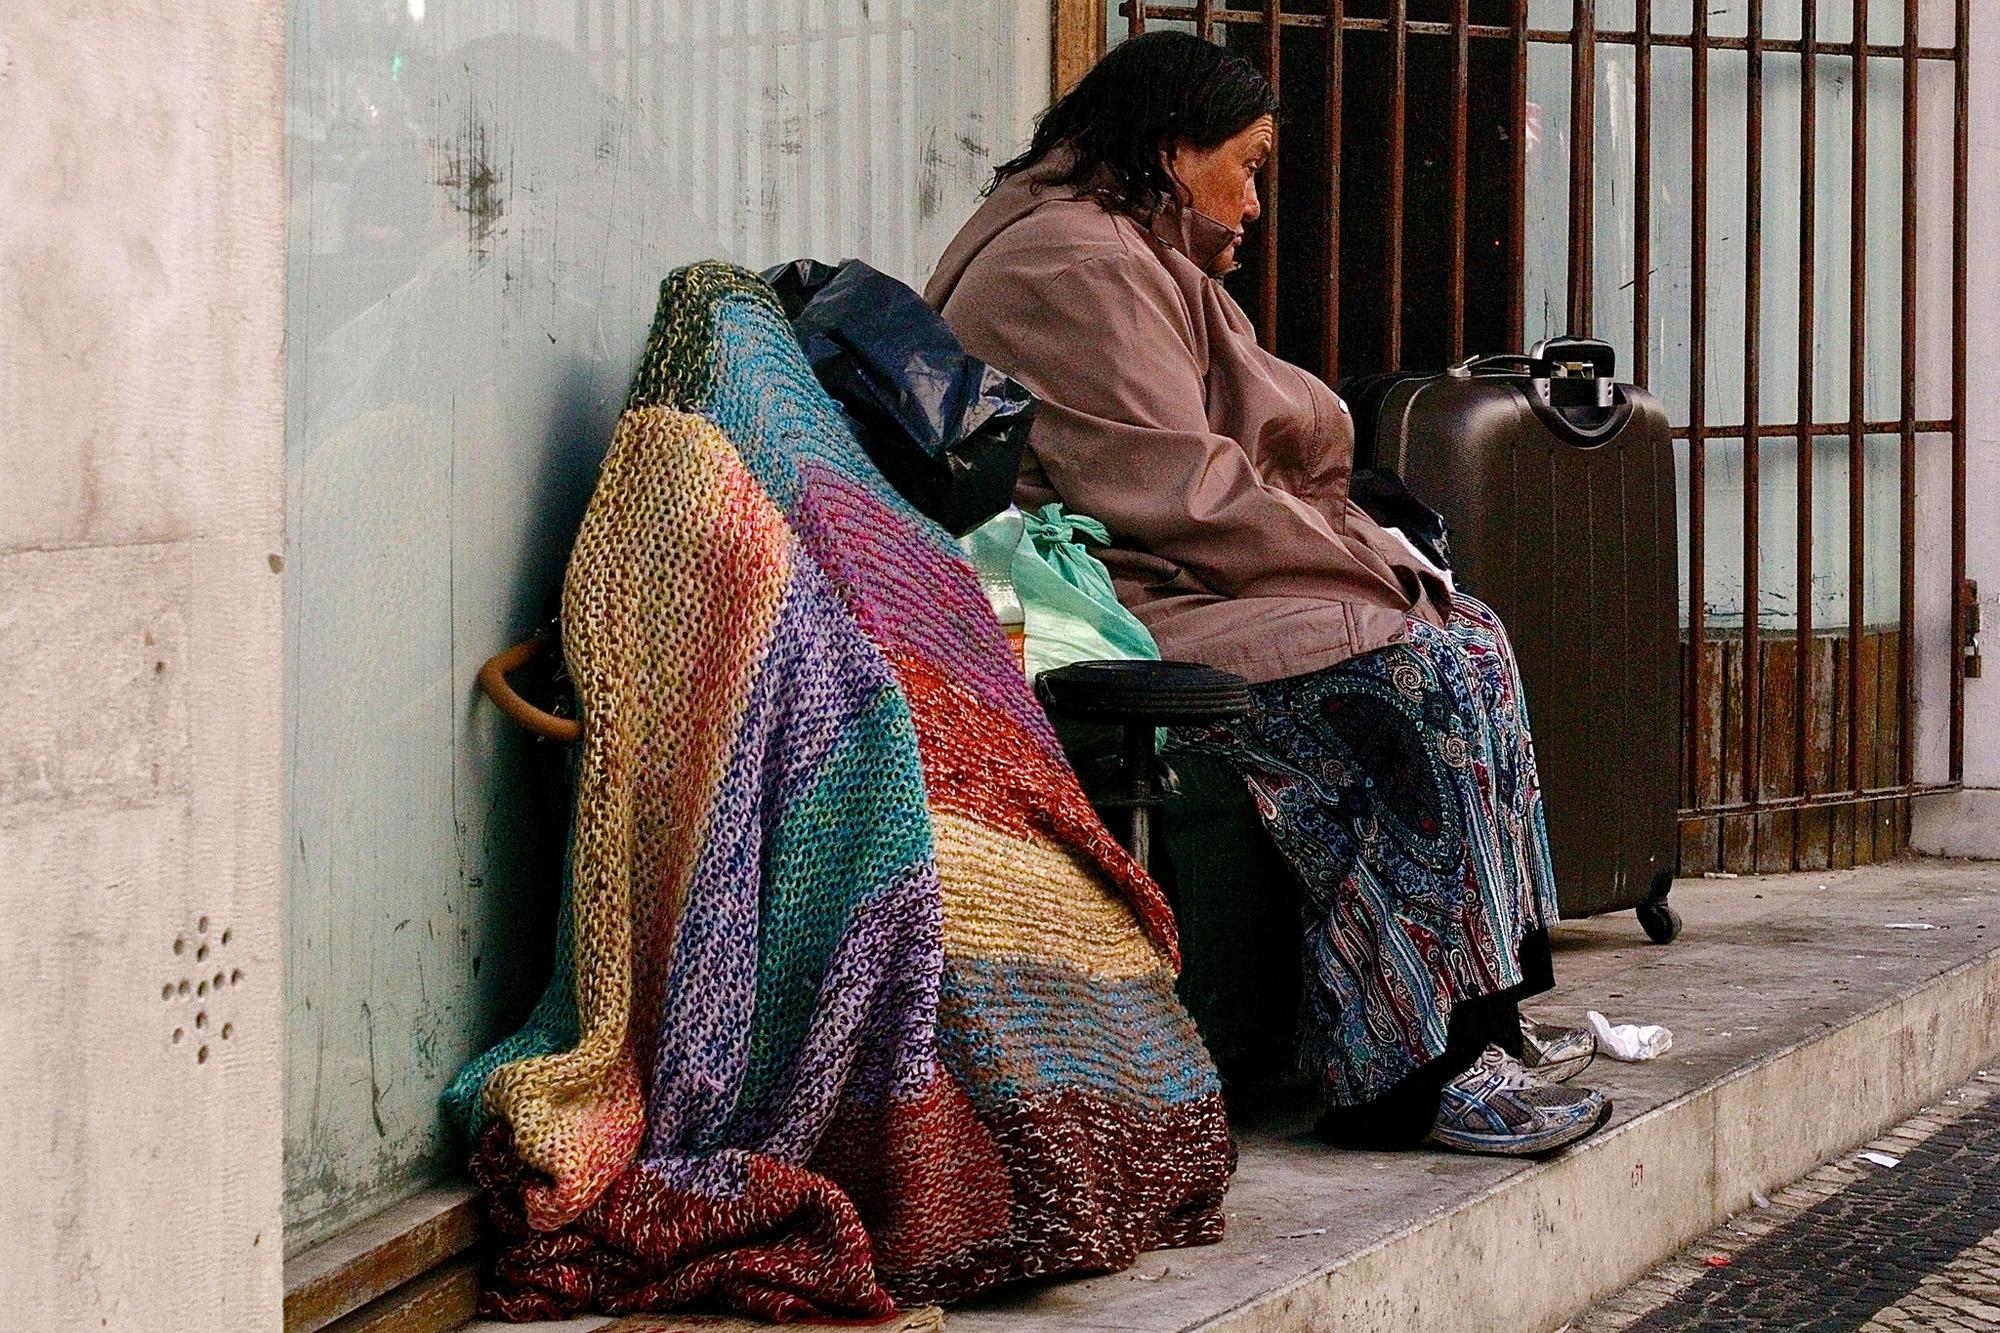 Há várias dezenas de pessoas a viver na rua em Portugal, sobretudo nas cidades de Lisboa e do Porto.